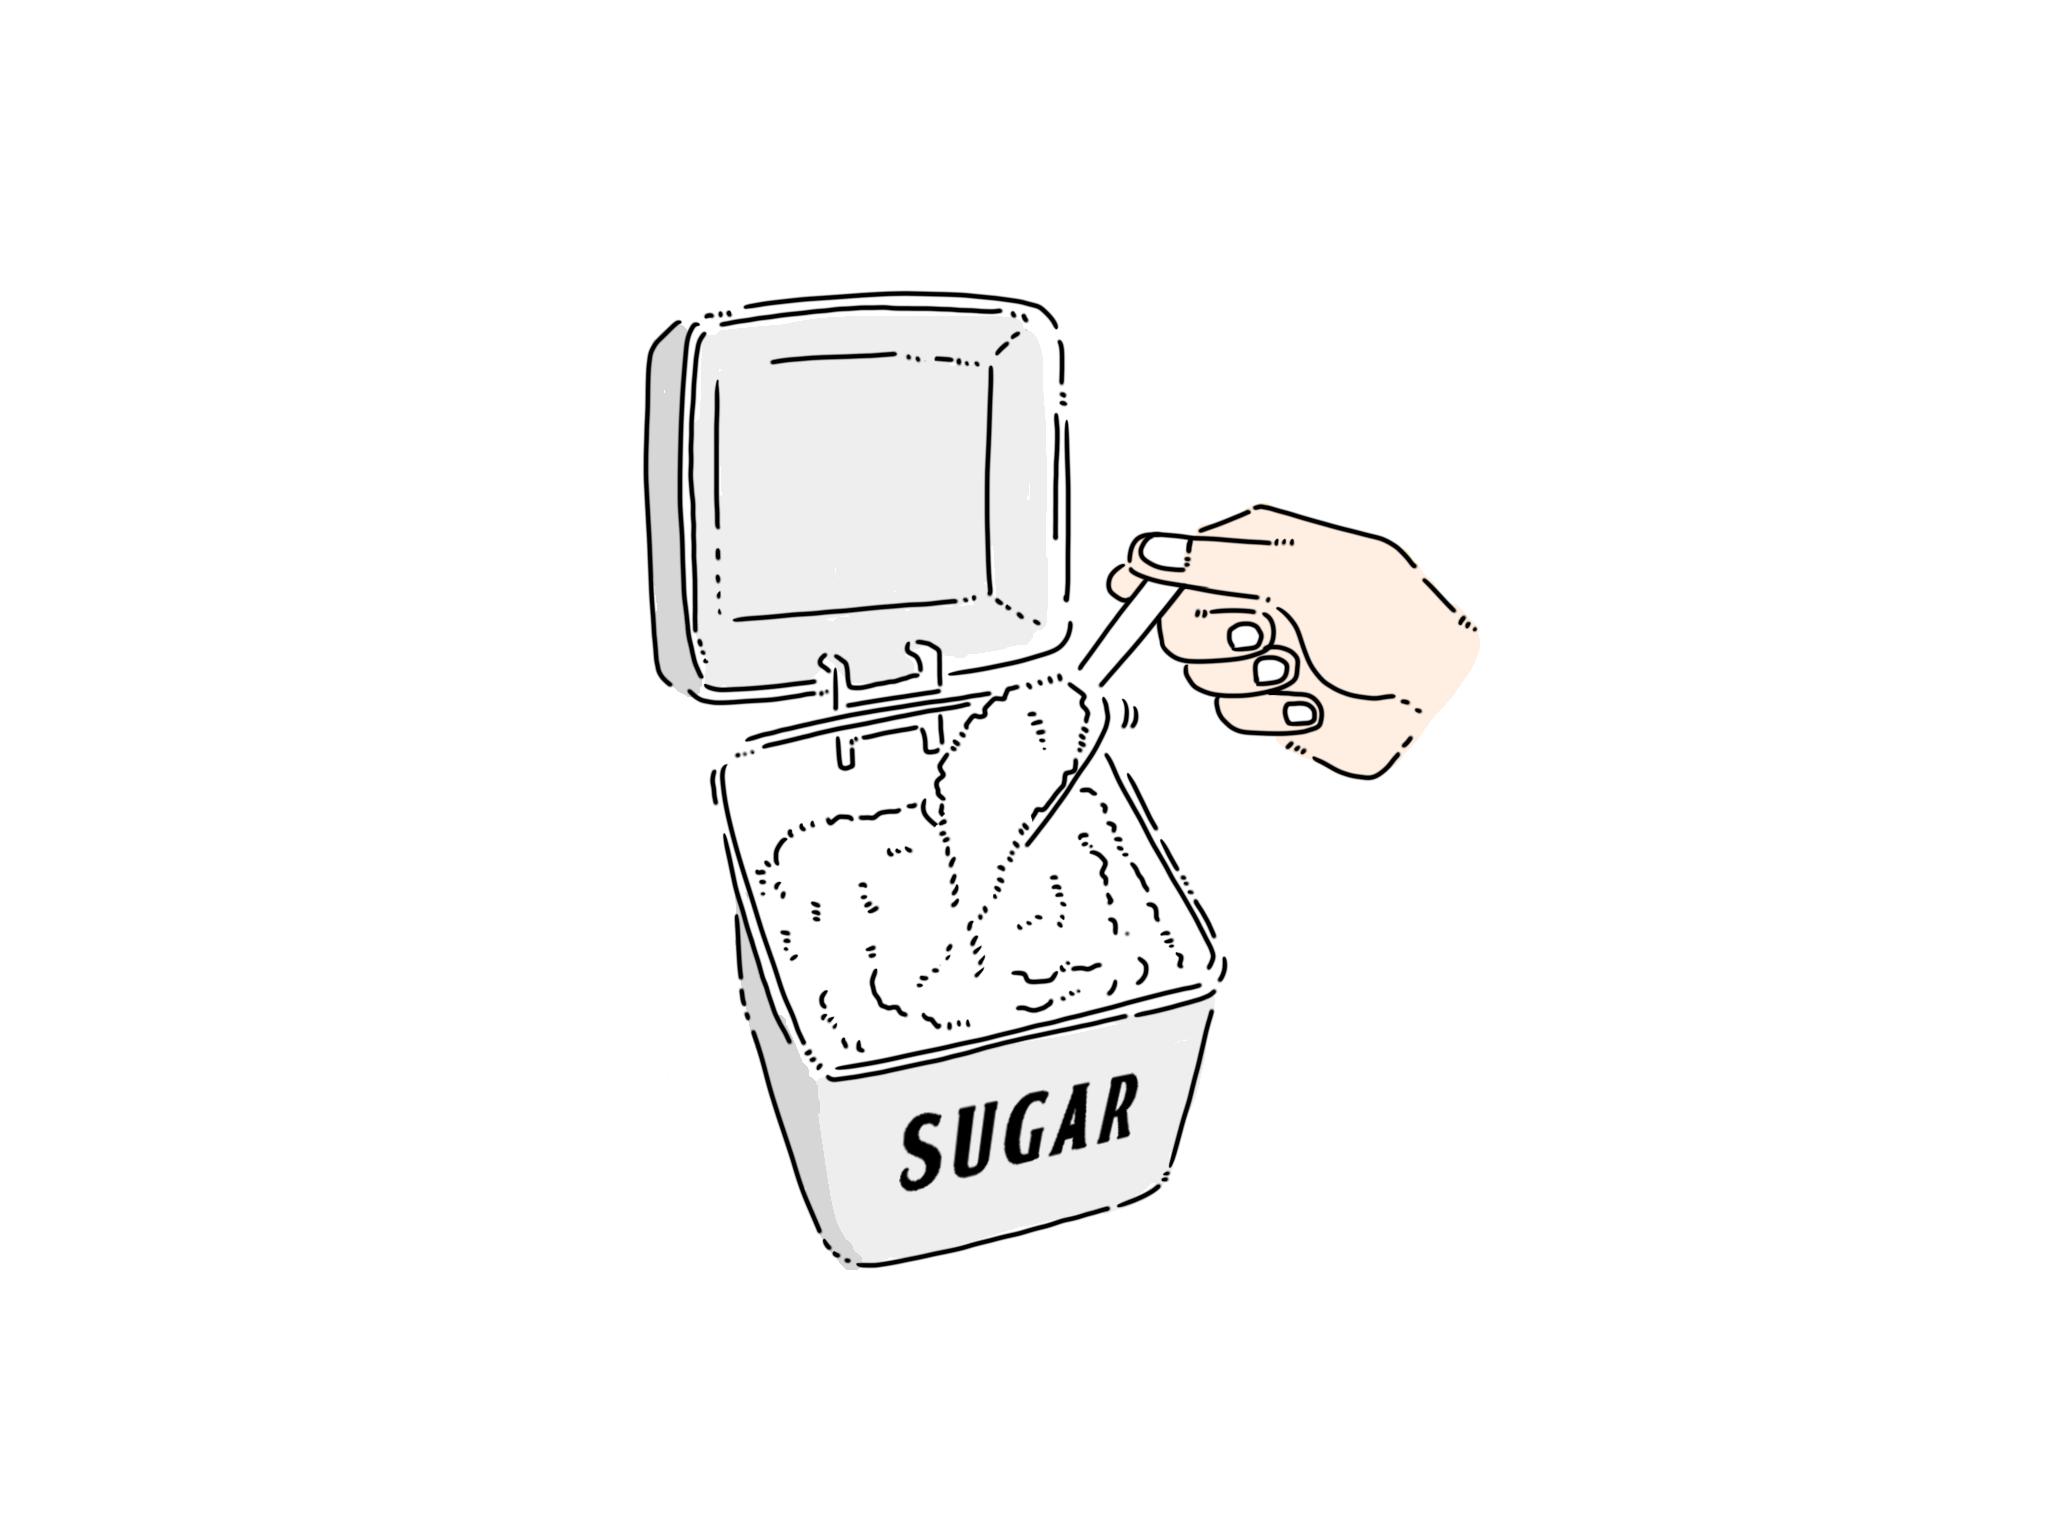 方 ほぐし の た 固まっ 砂糖